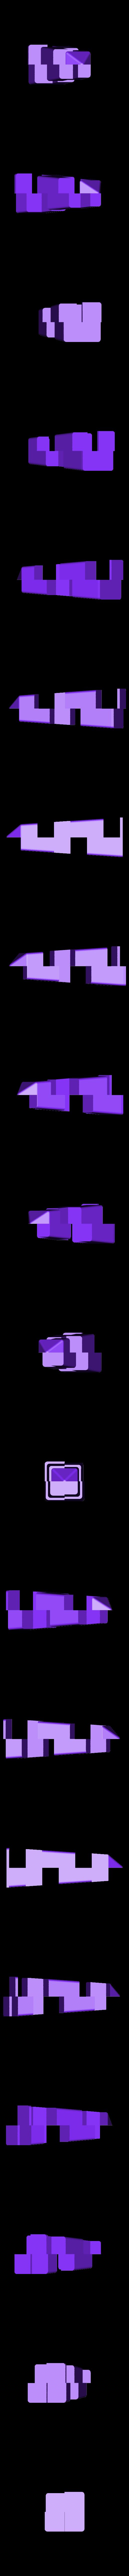 test_obelisco_espiral_extr1.stl Télécharger fichier STL gratuit Calibrage de l'extrudeuse double • Objet à imprimer en 3D, saginau